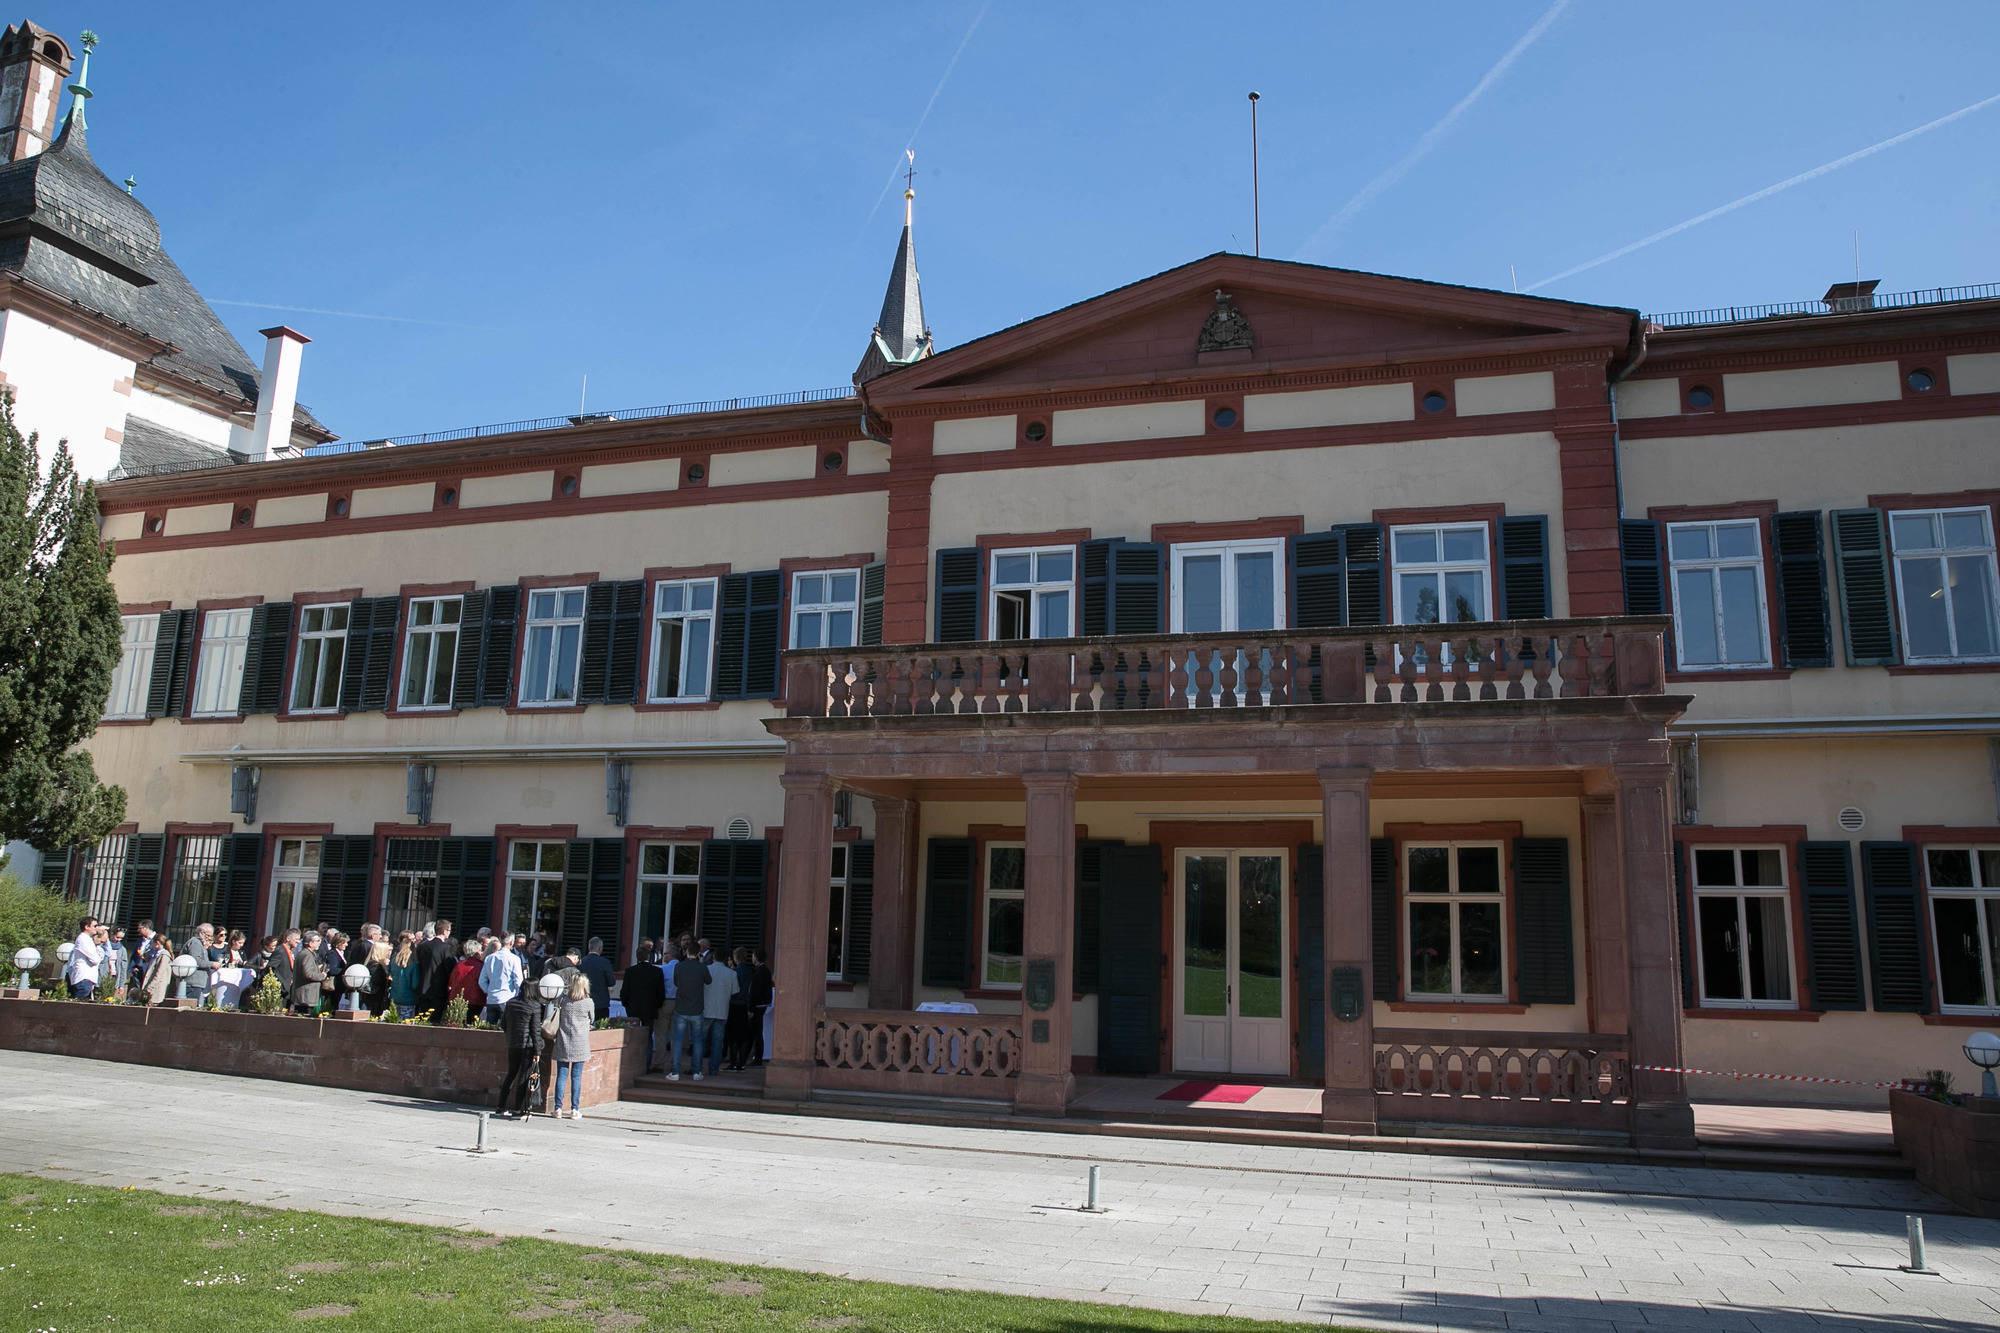 Weinheim Schlosspark Restaurant Stellt Betrieb Ein Bergstraße